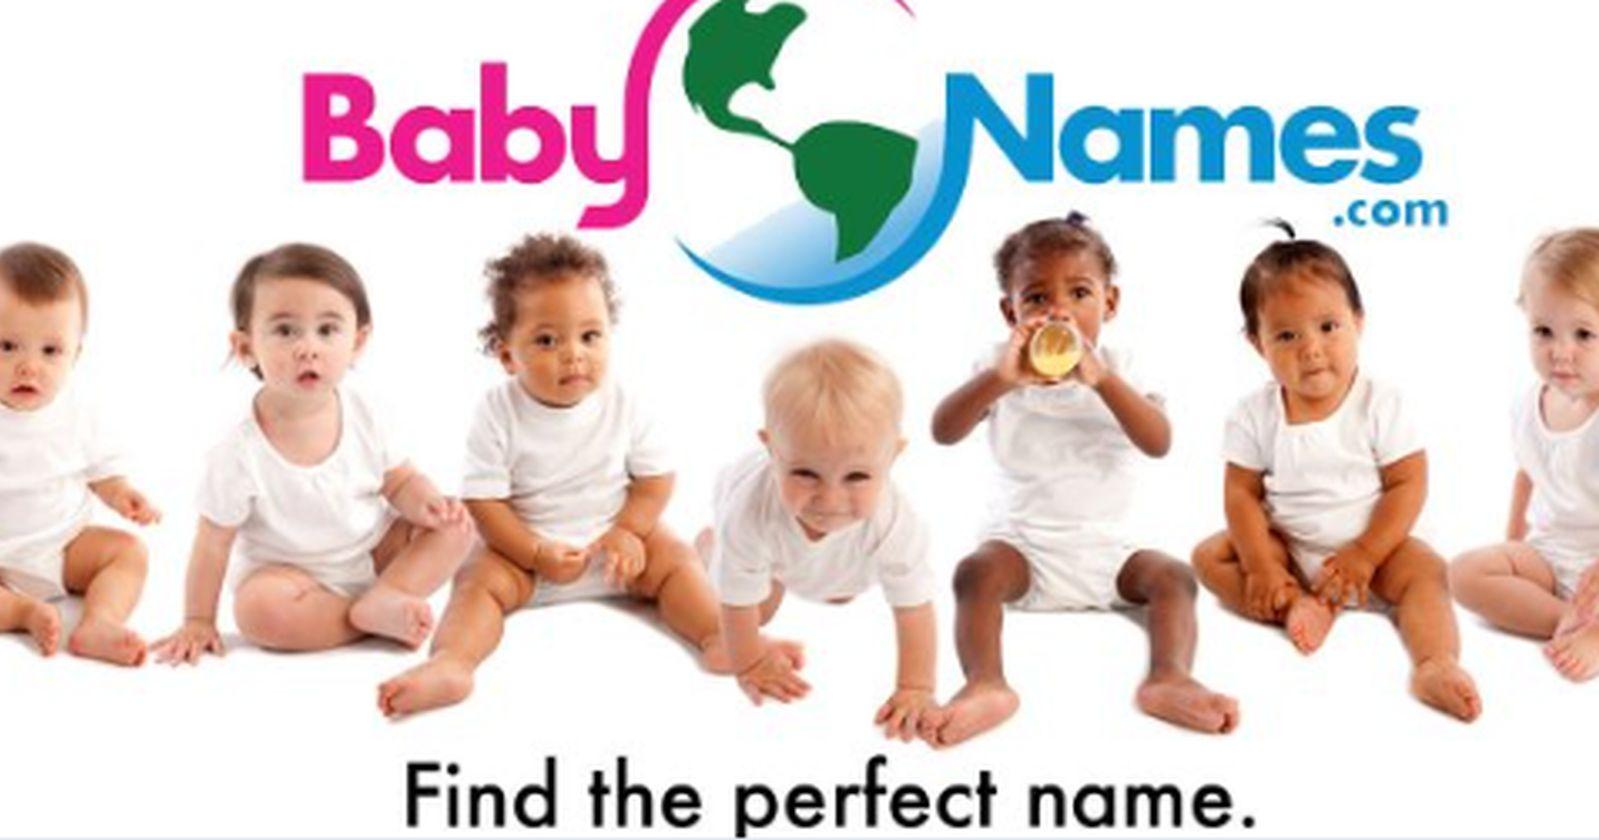 El profundo homenaje de un sitio de nombres para bebés en contra de la violencia racial